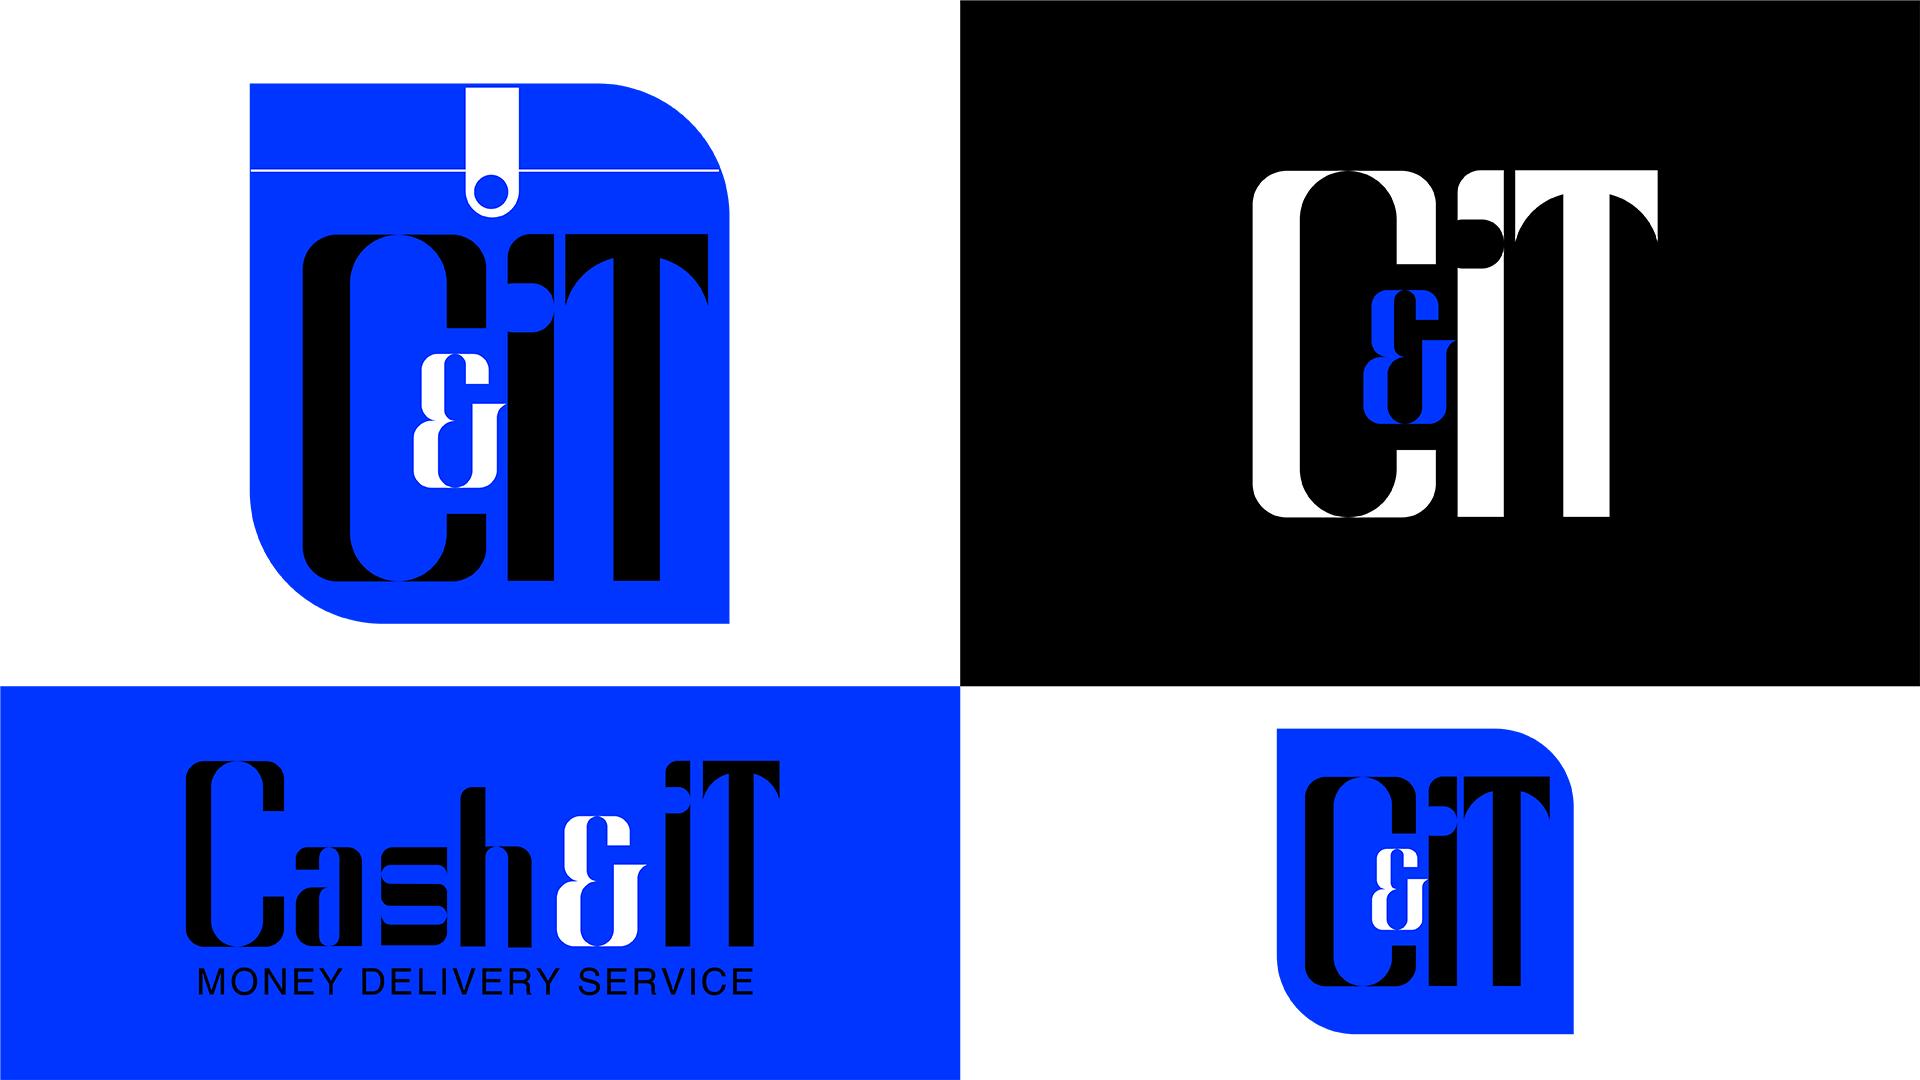 Логотип для Cash & IT - сервис доставки денег фото f_7795fda8ff6043a2.png